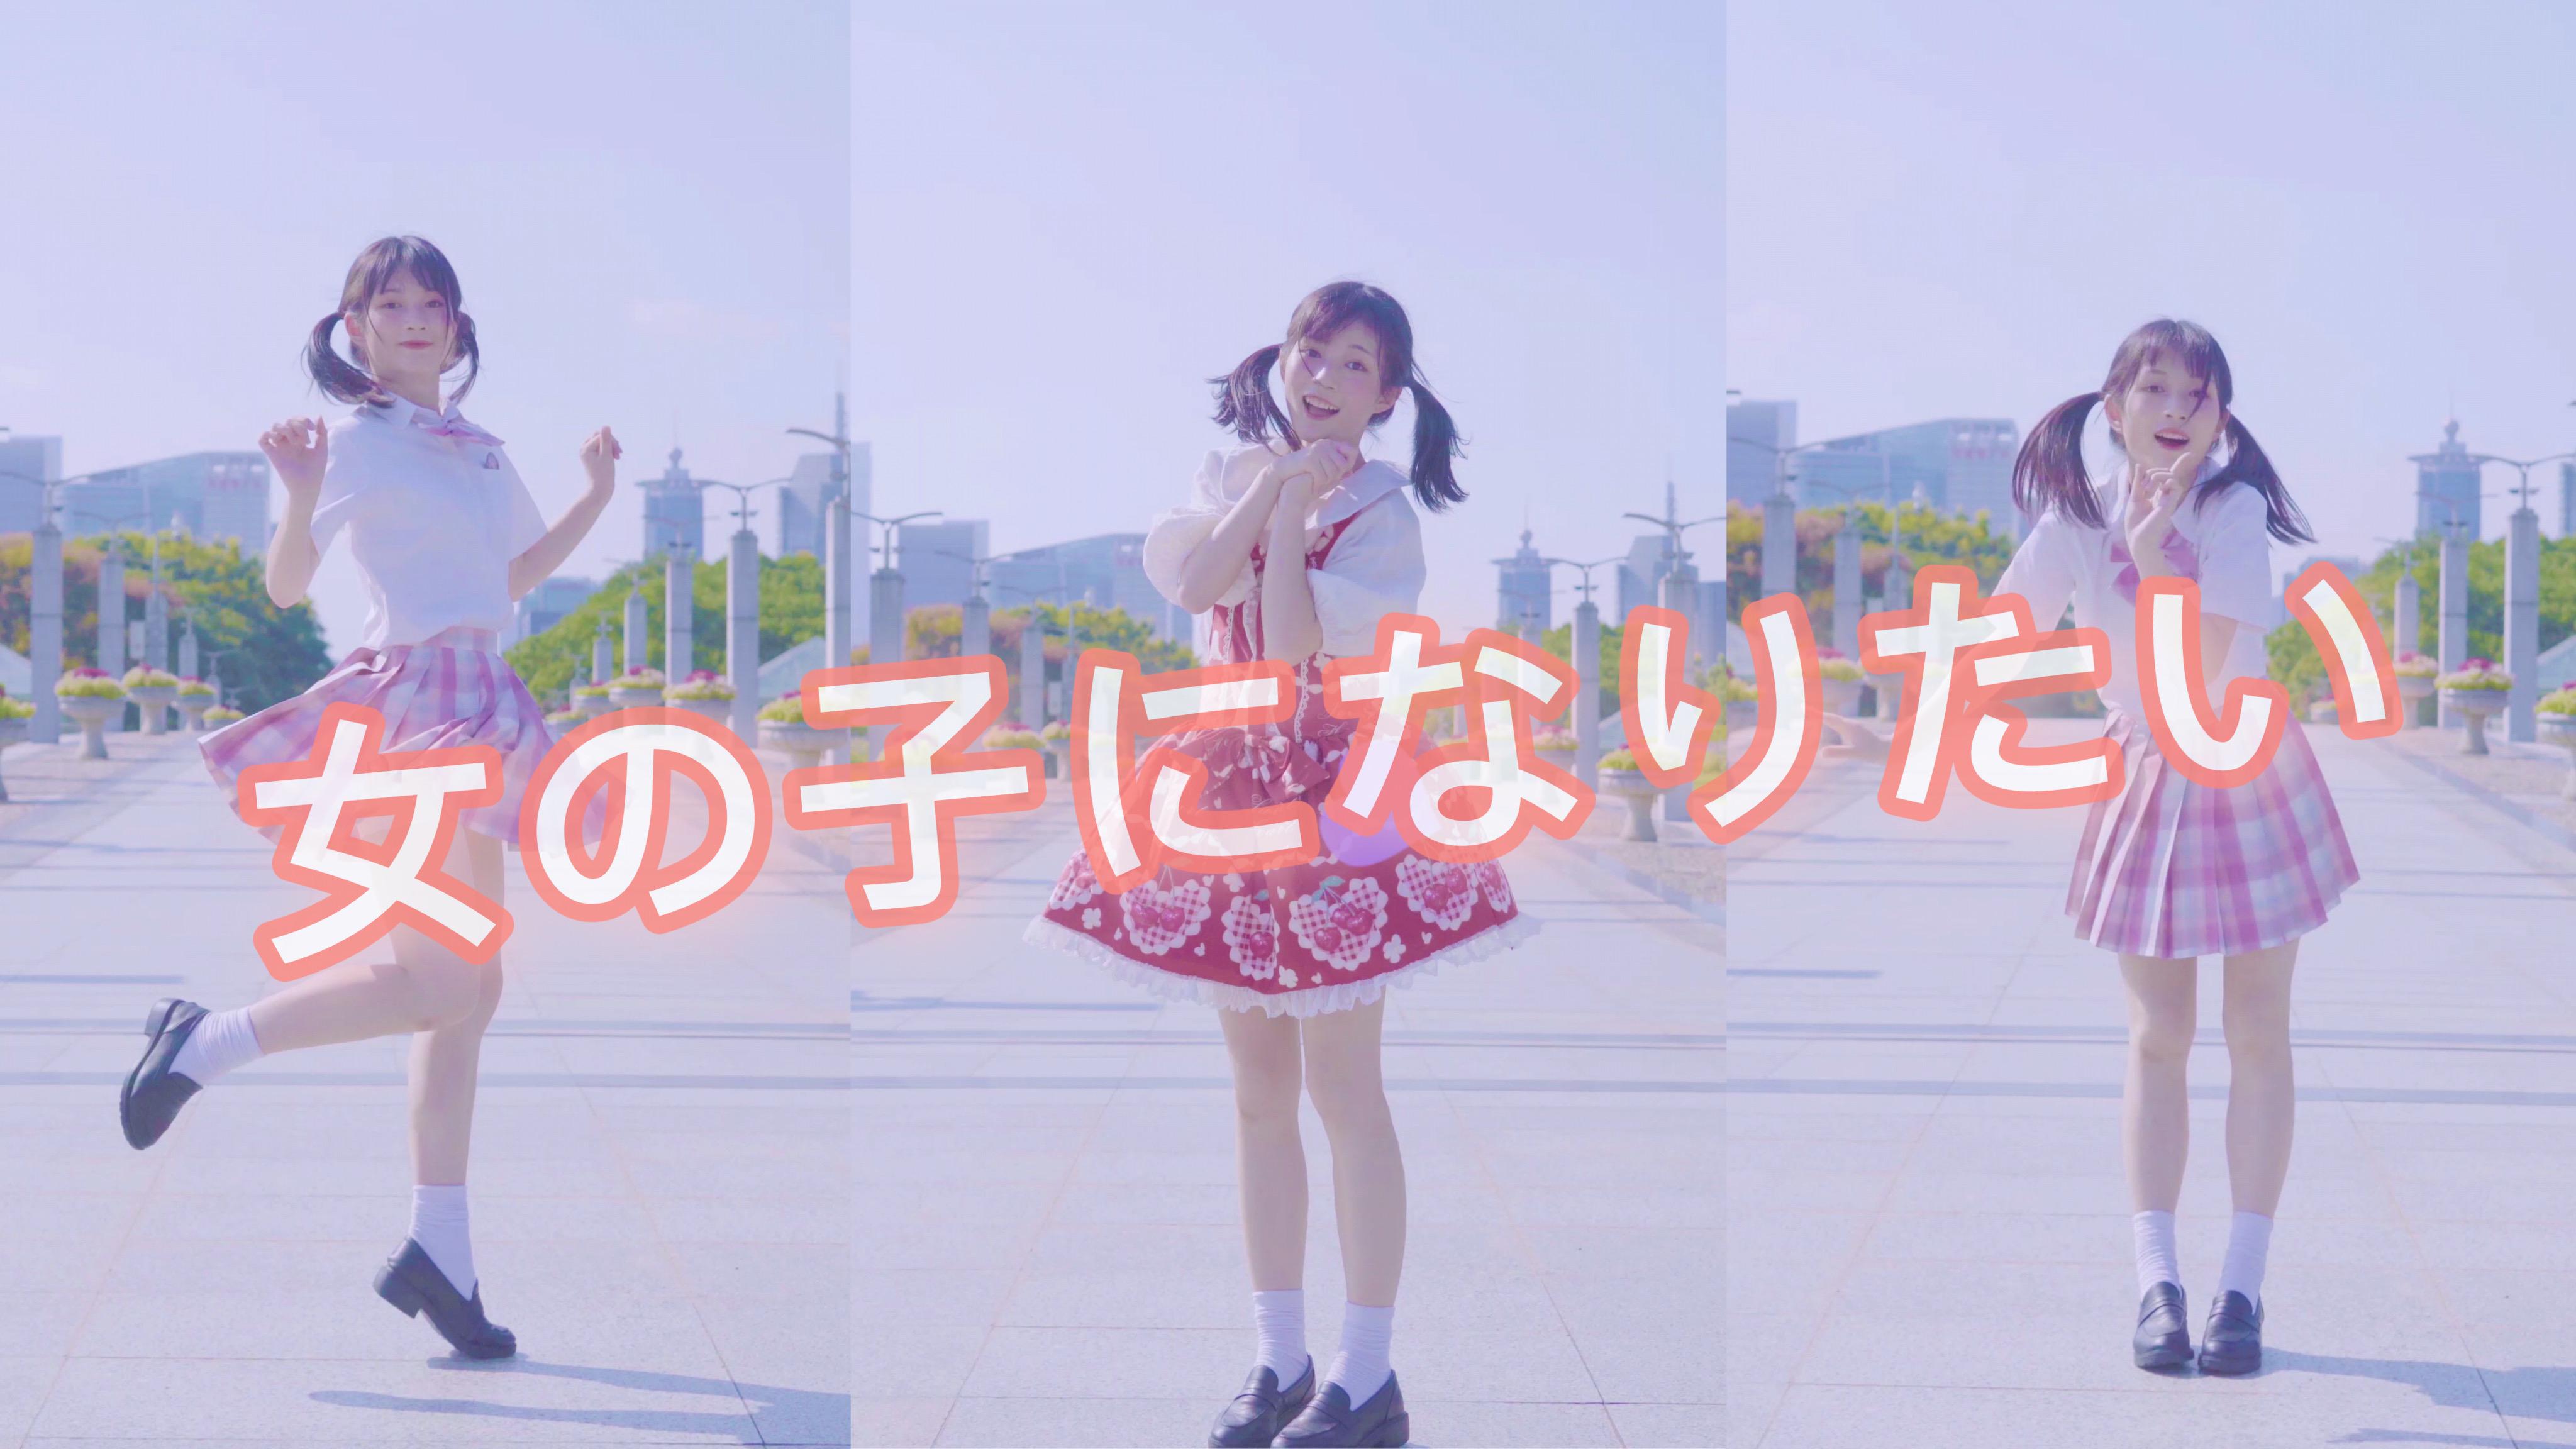 【超A新生计划】【Moji】想要变成女孩子☆女の子になりたい